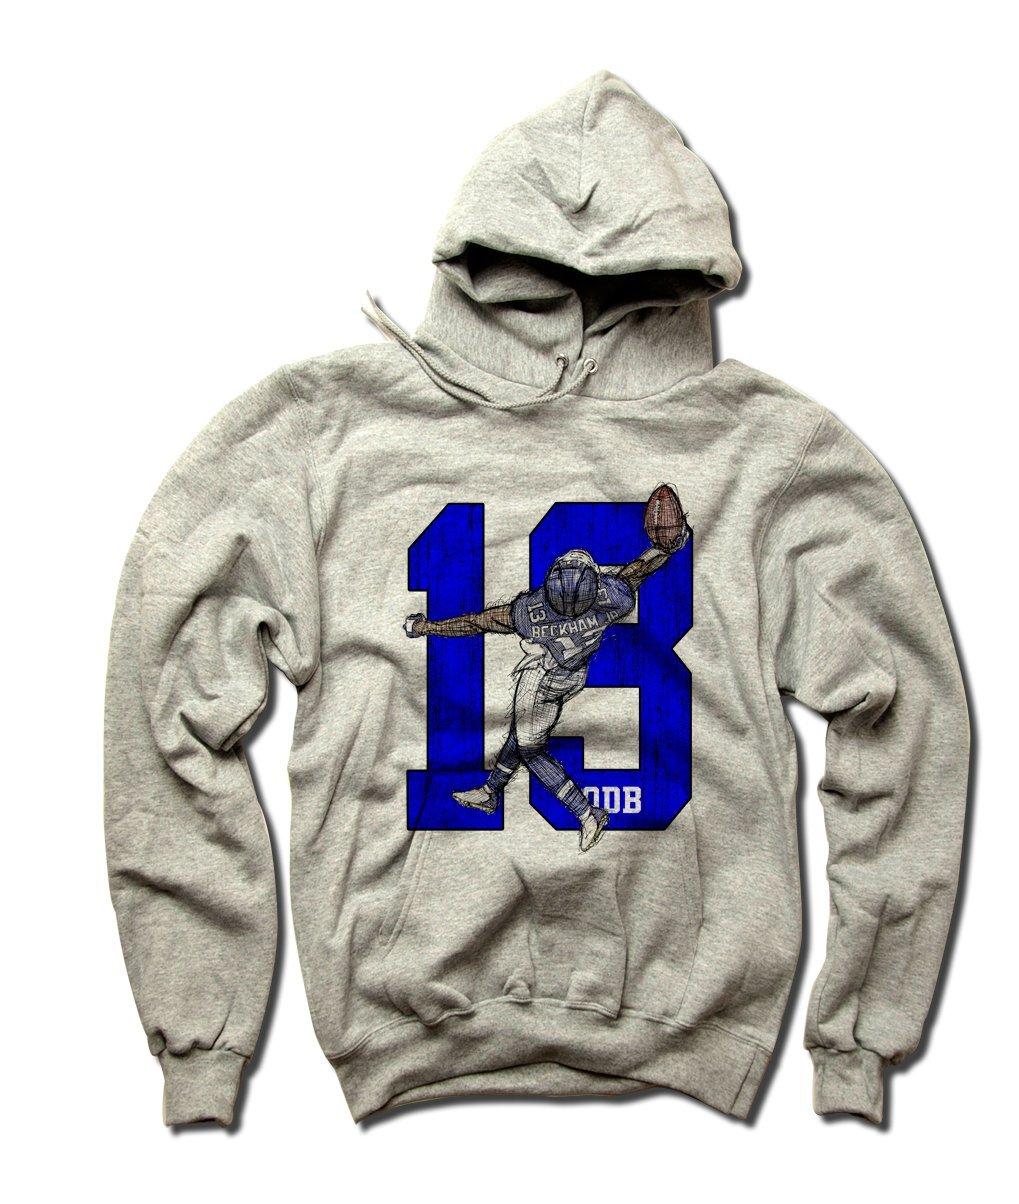 GAME New York Giants Odell Beckham Jerseys